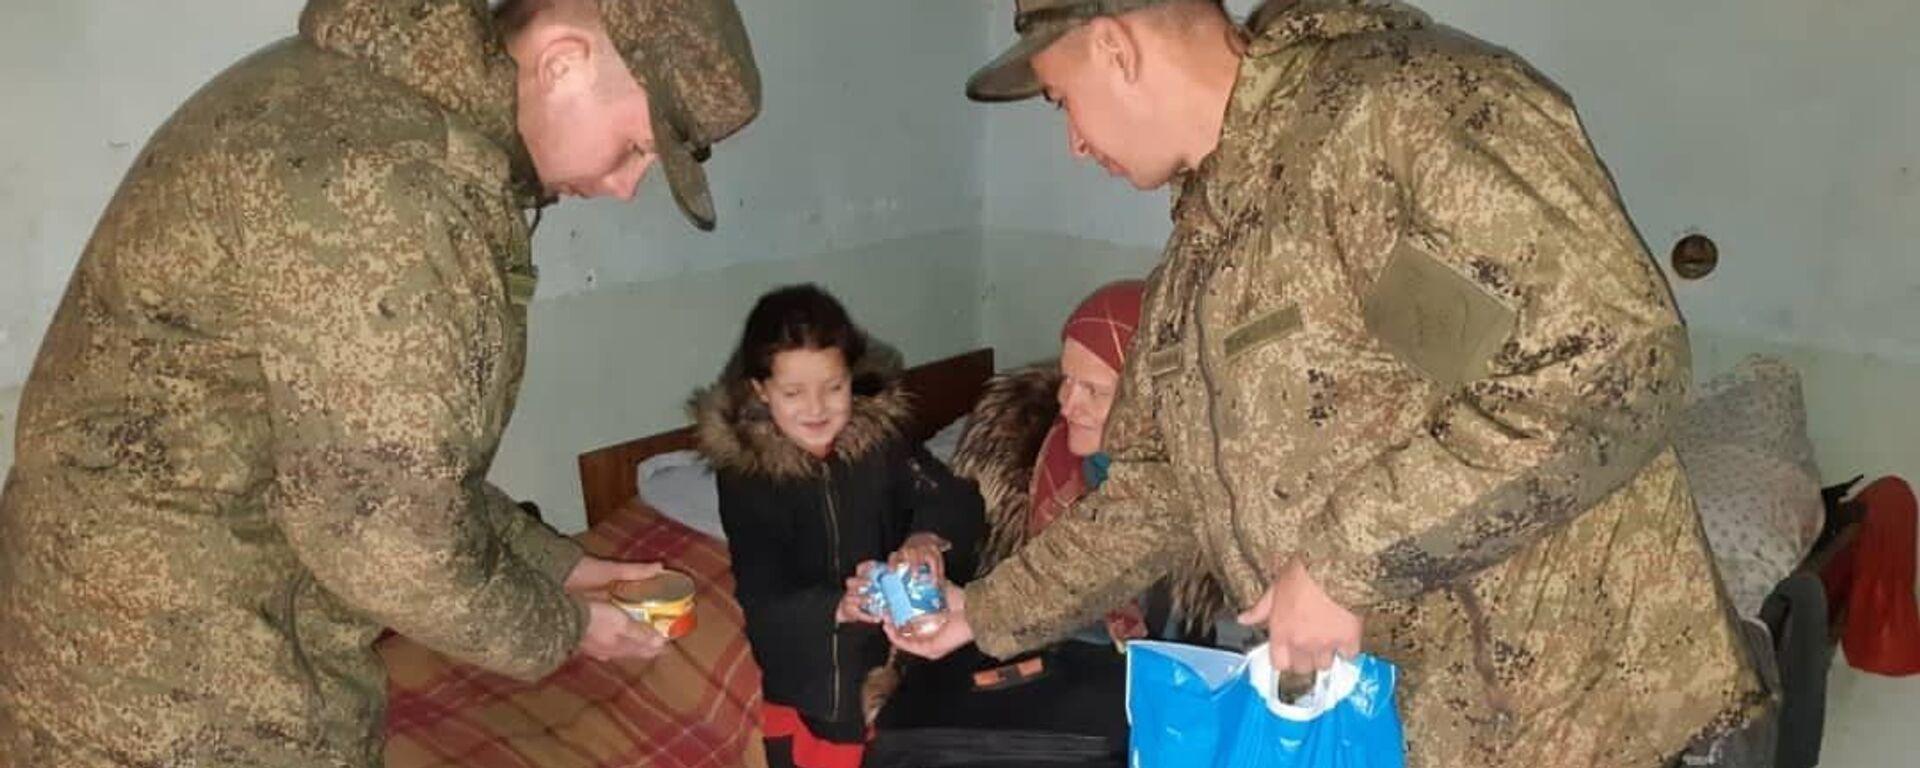 Российские военнослужащие в Таджикистане  оказали помощь многодетным семьям - Sputnik Таджикистан, 1920, 17.03.2021